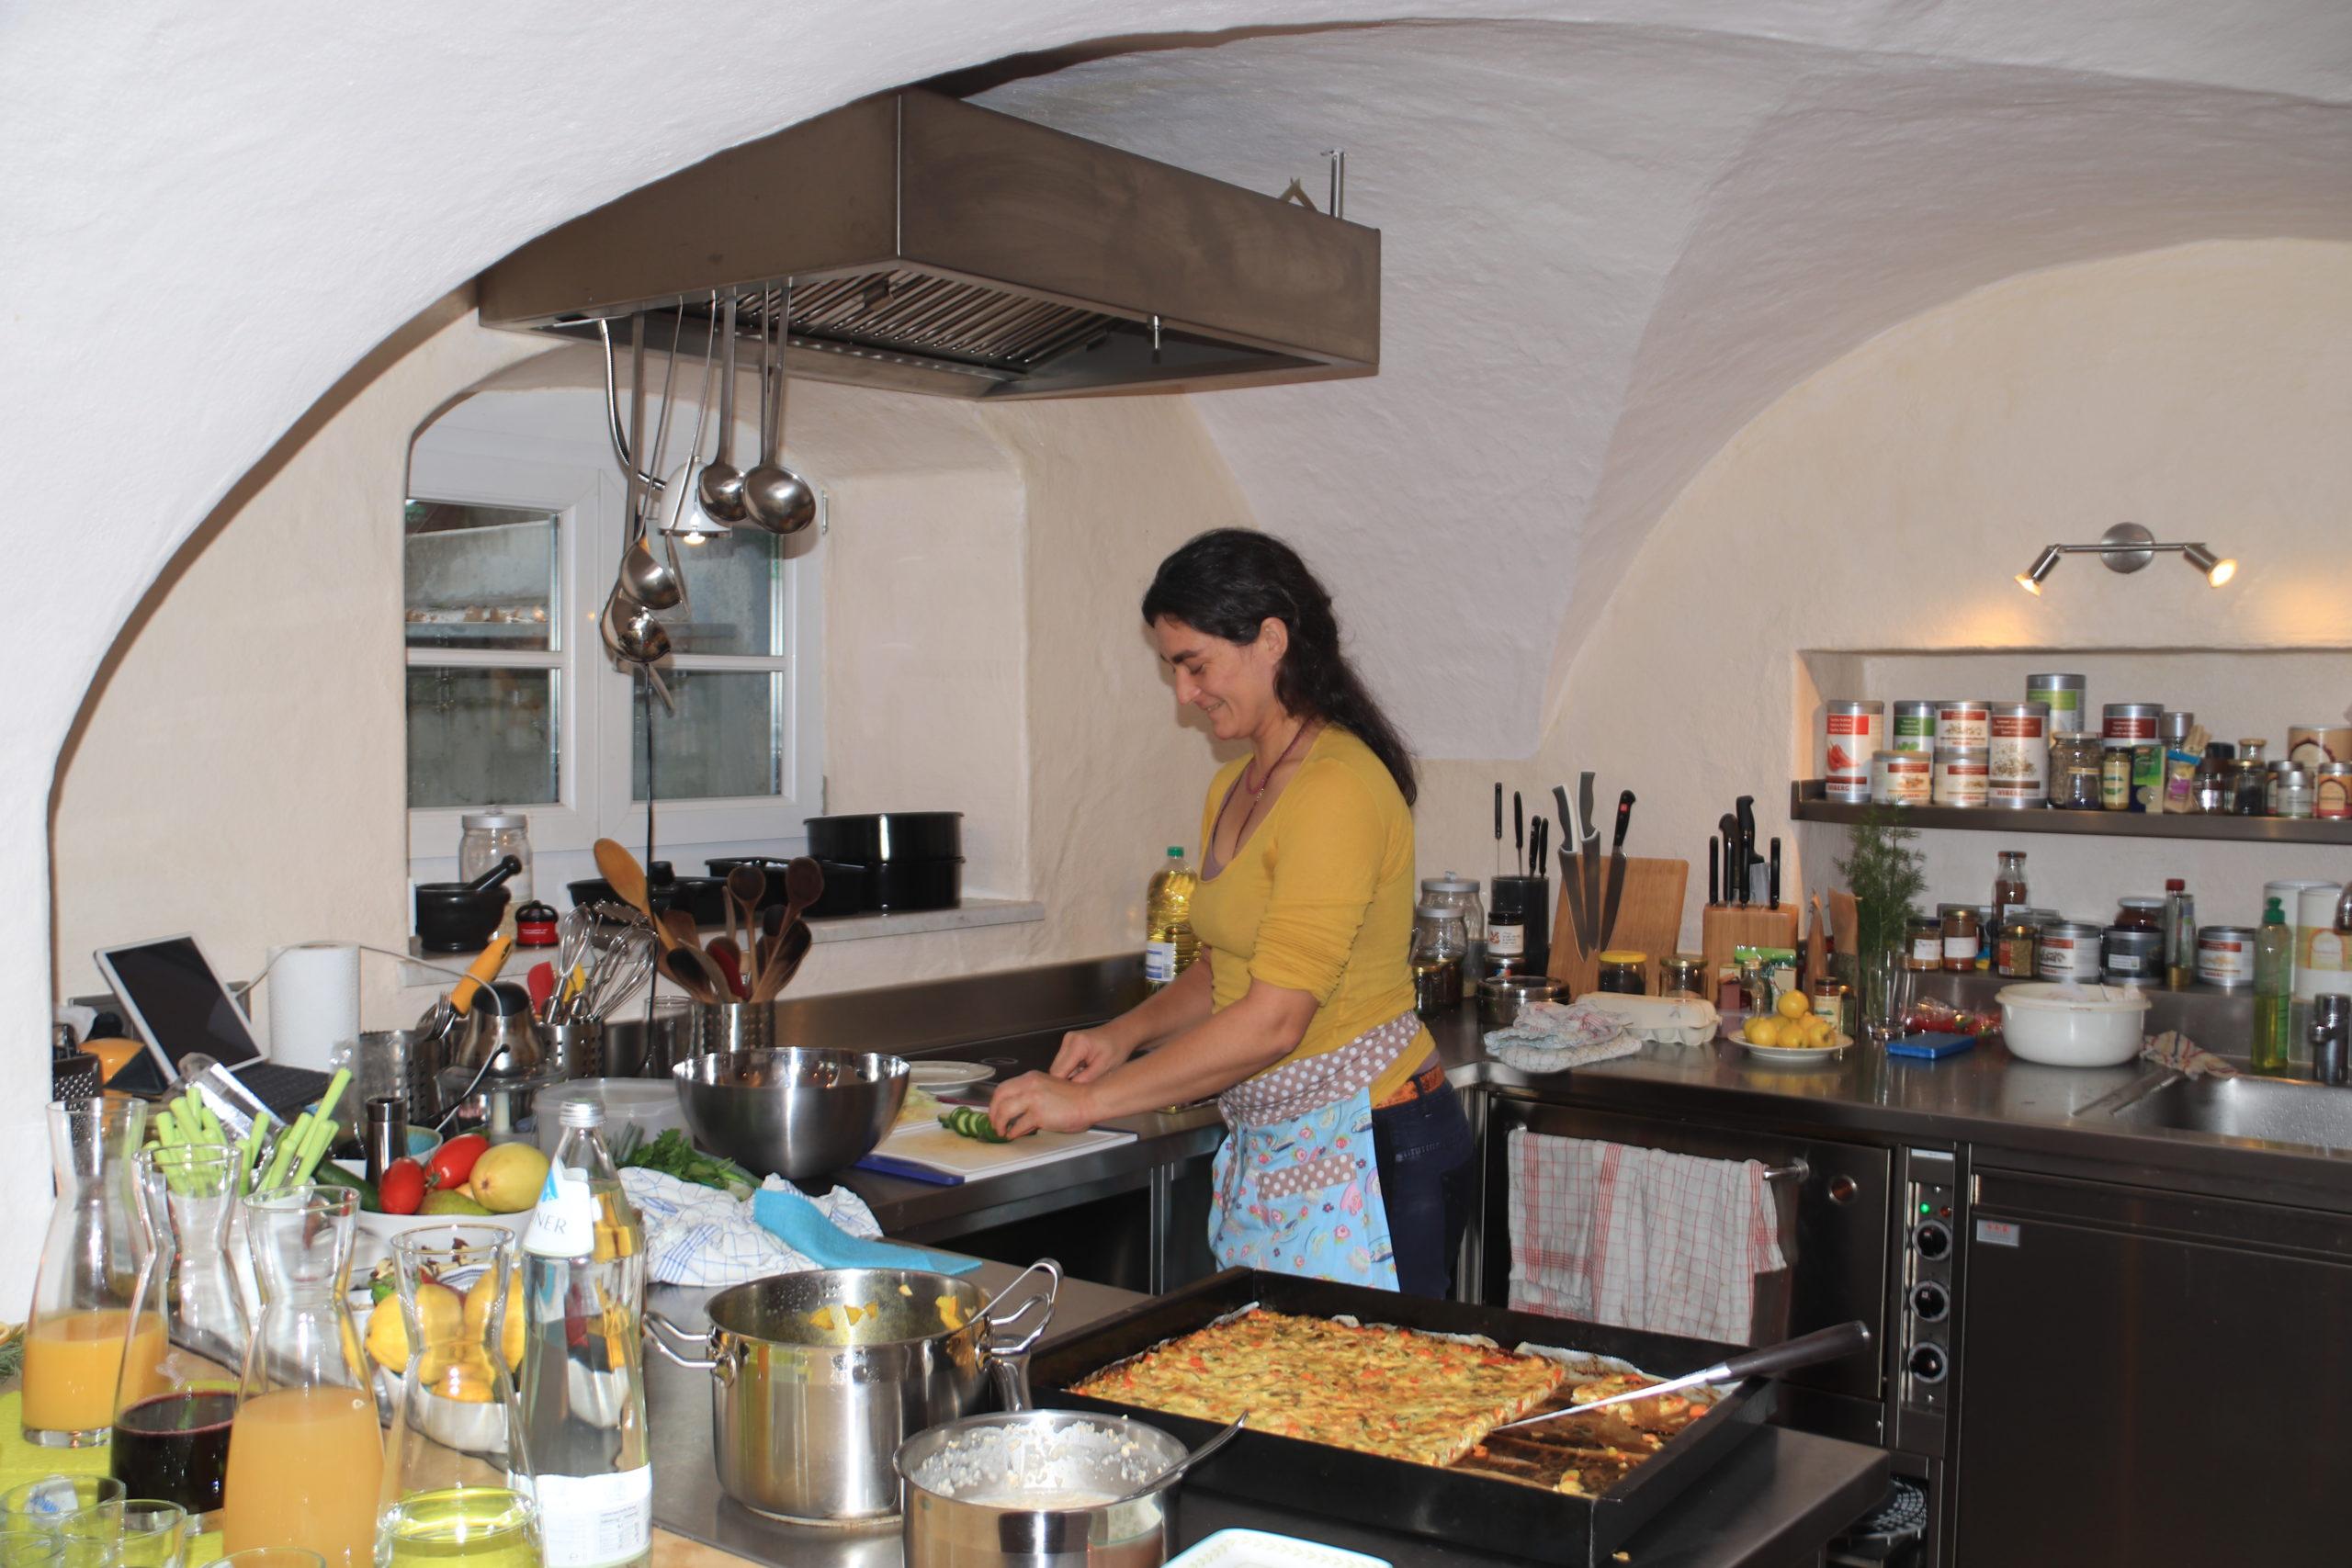 © Martina Egger - Sara Sellier kocht immer frisch und bunt im Cafe-Restaurant Tauglerei in St. Koloman/Tennengau